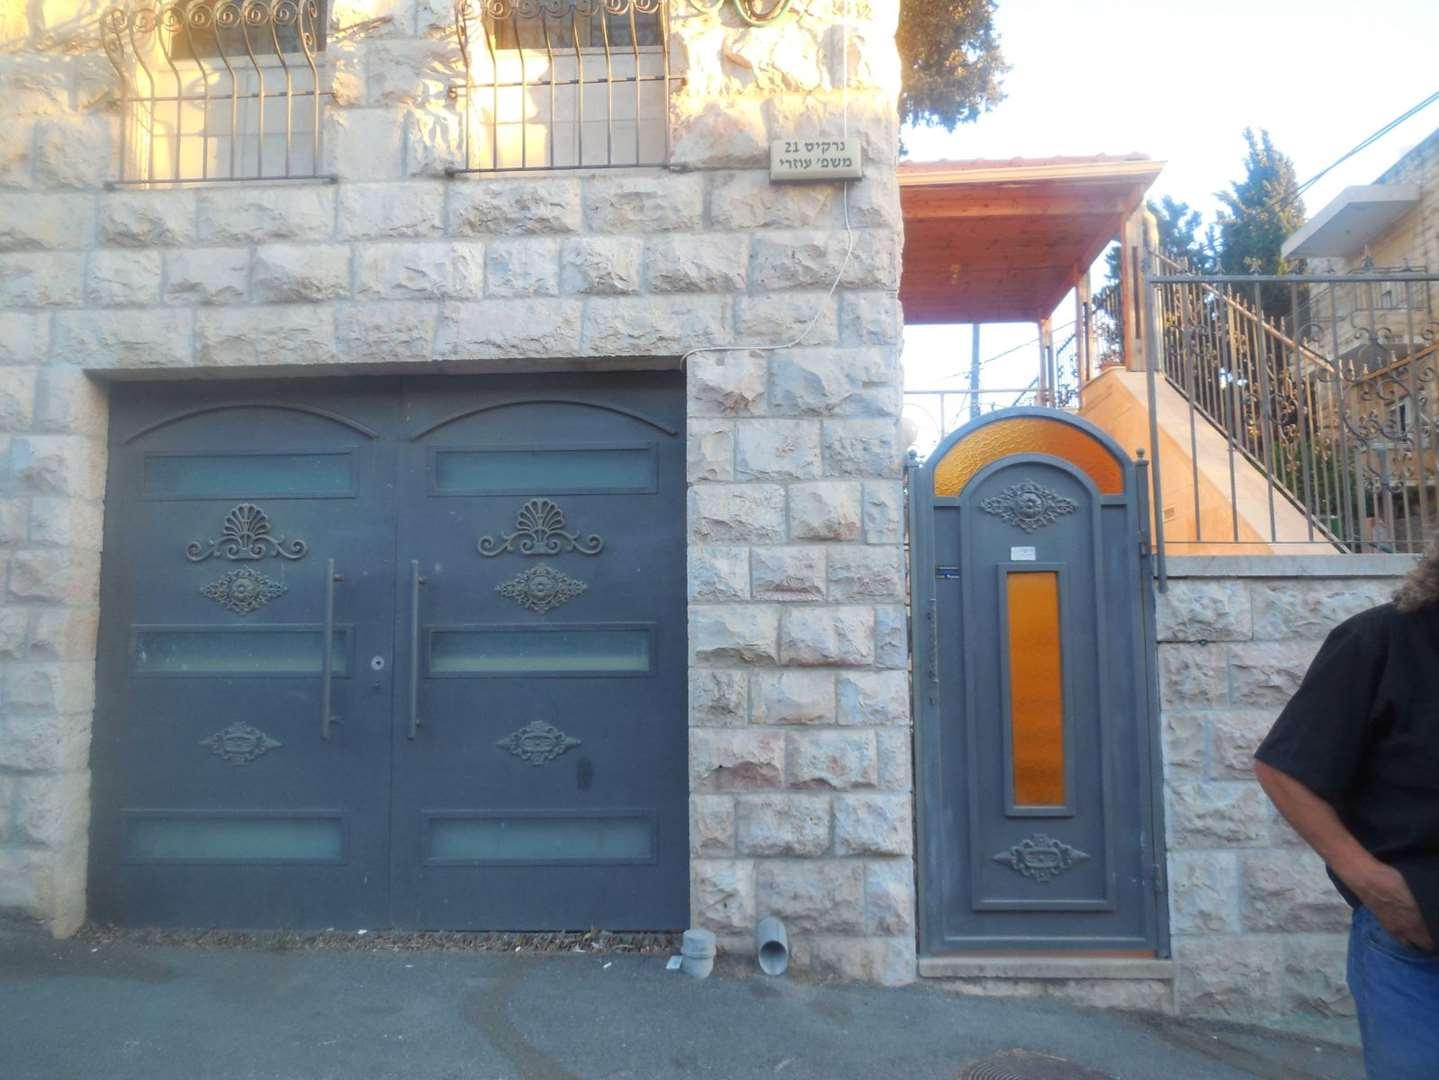 דירה, 3 חדרים, הנרקיס 21, ירושלים